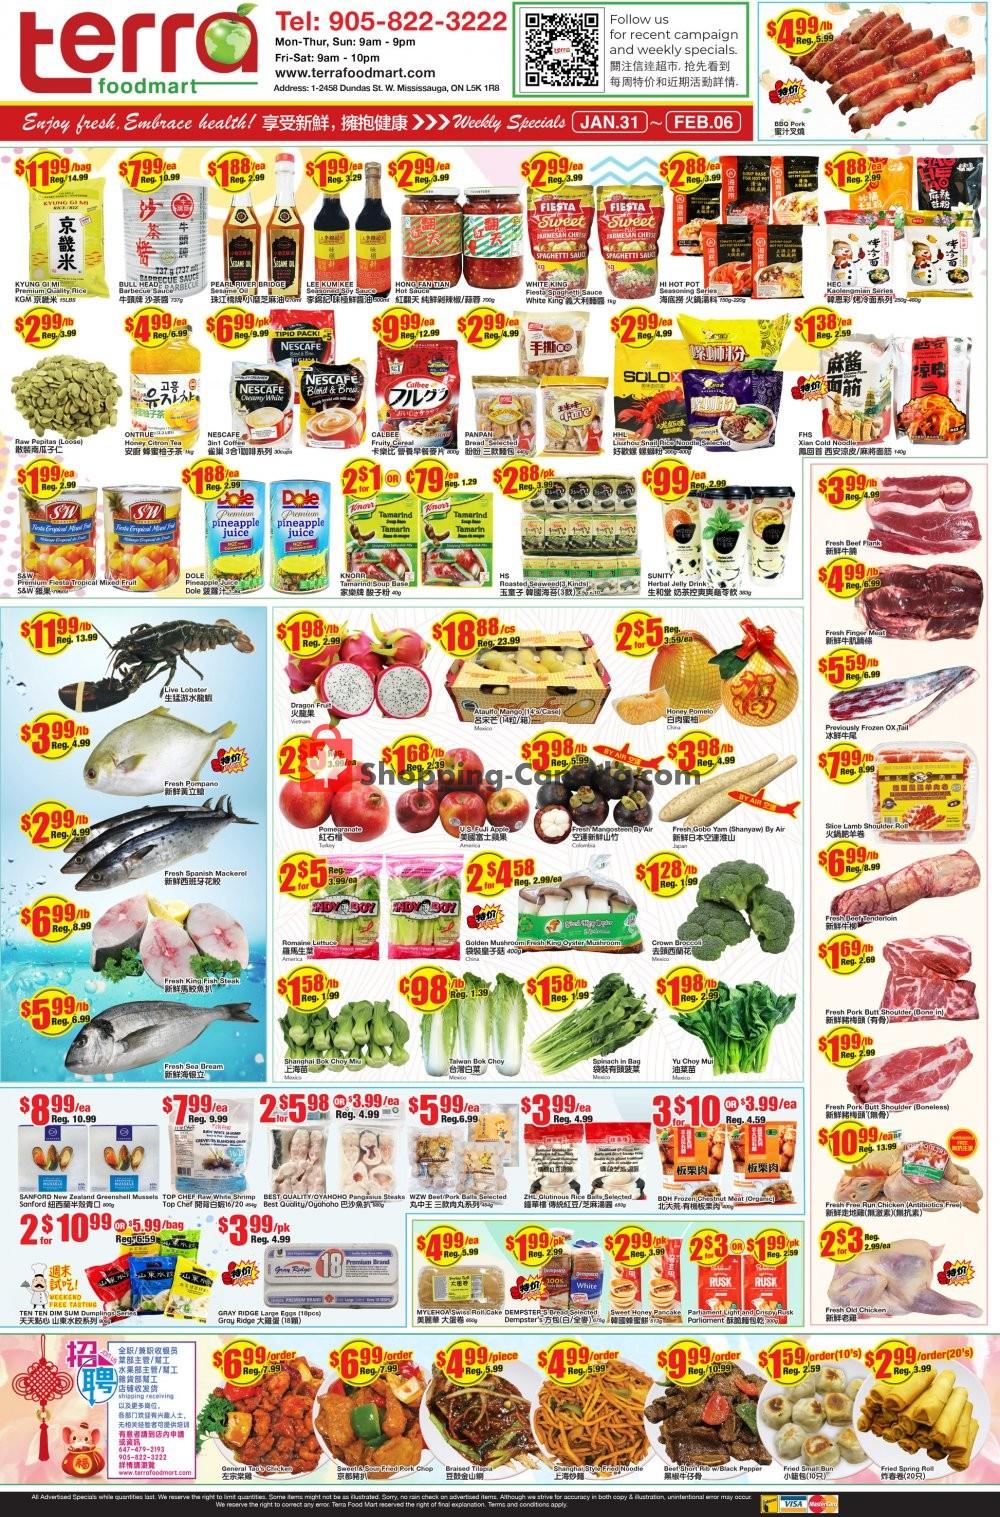 Flyer Terra Foodmart Canada - from Friday January 31, 2020 to Thursday February 6, 2020